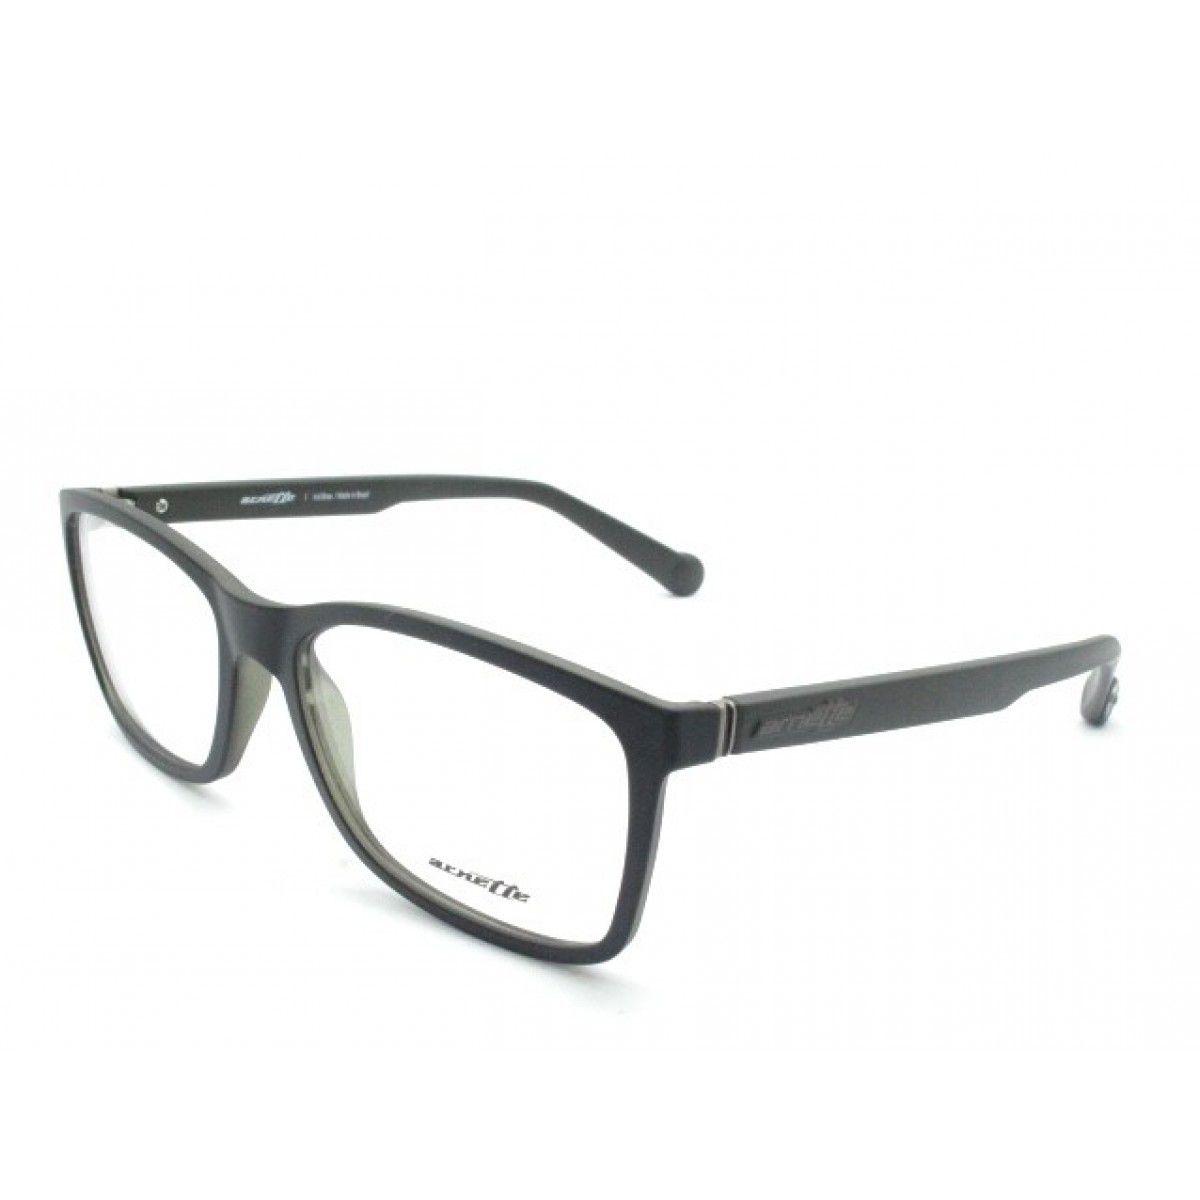 a62be0560778a Armação óculos de grau Arnette AN7105L 2320 - Omega Ótica e Relojoaria